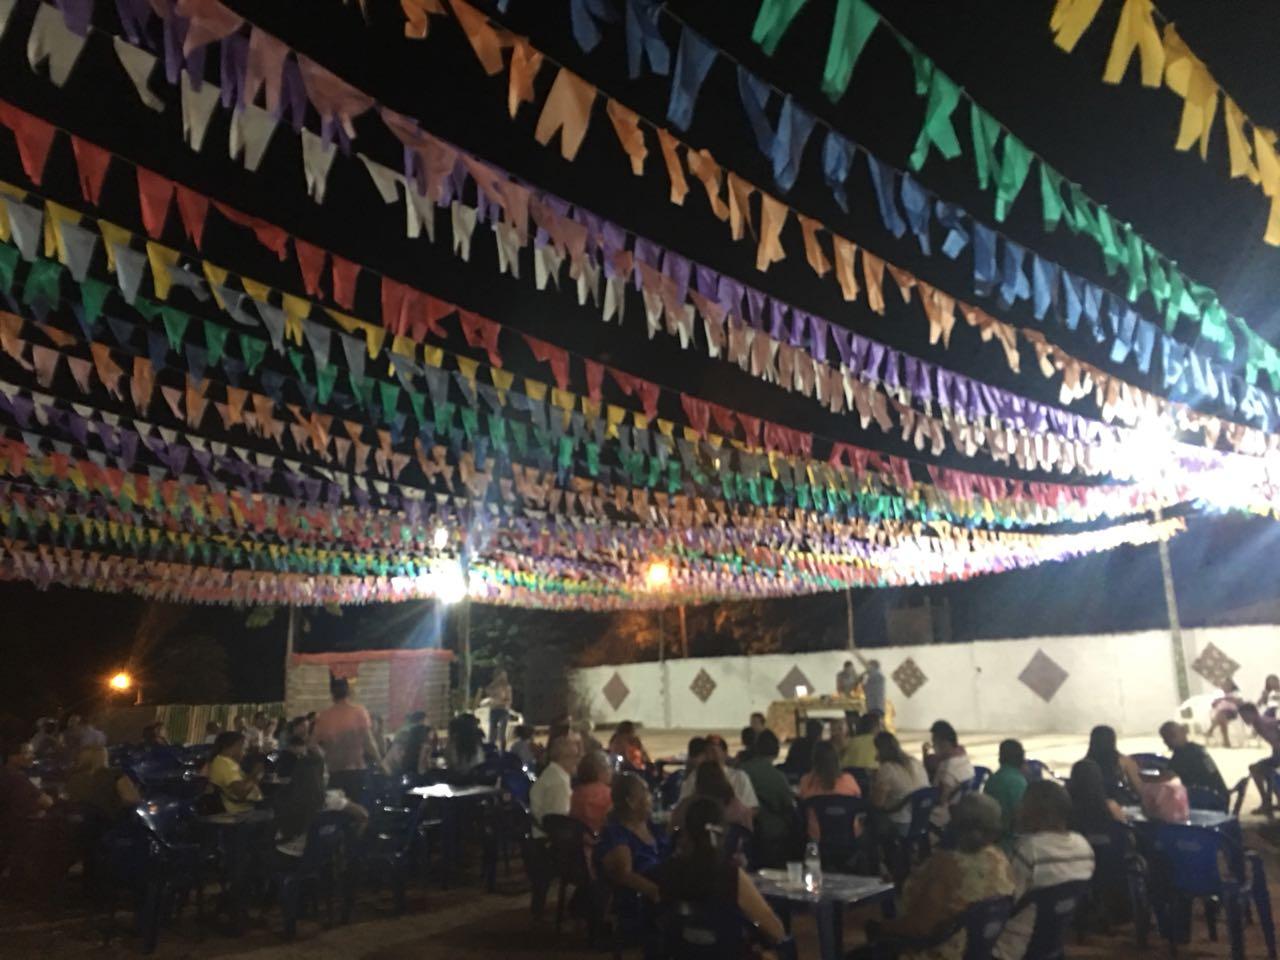 Festejos de São João tiveram início nesta sexta (15) com Novena e Missa em Dois Irmãos do Tocantins